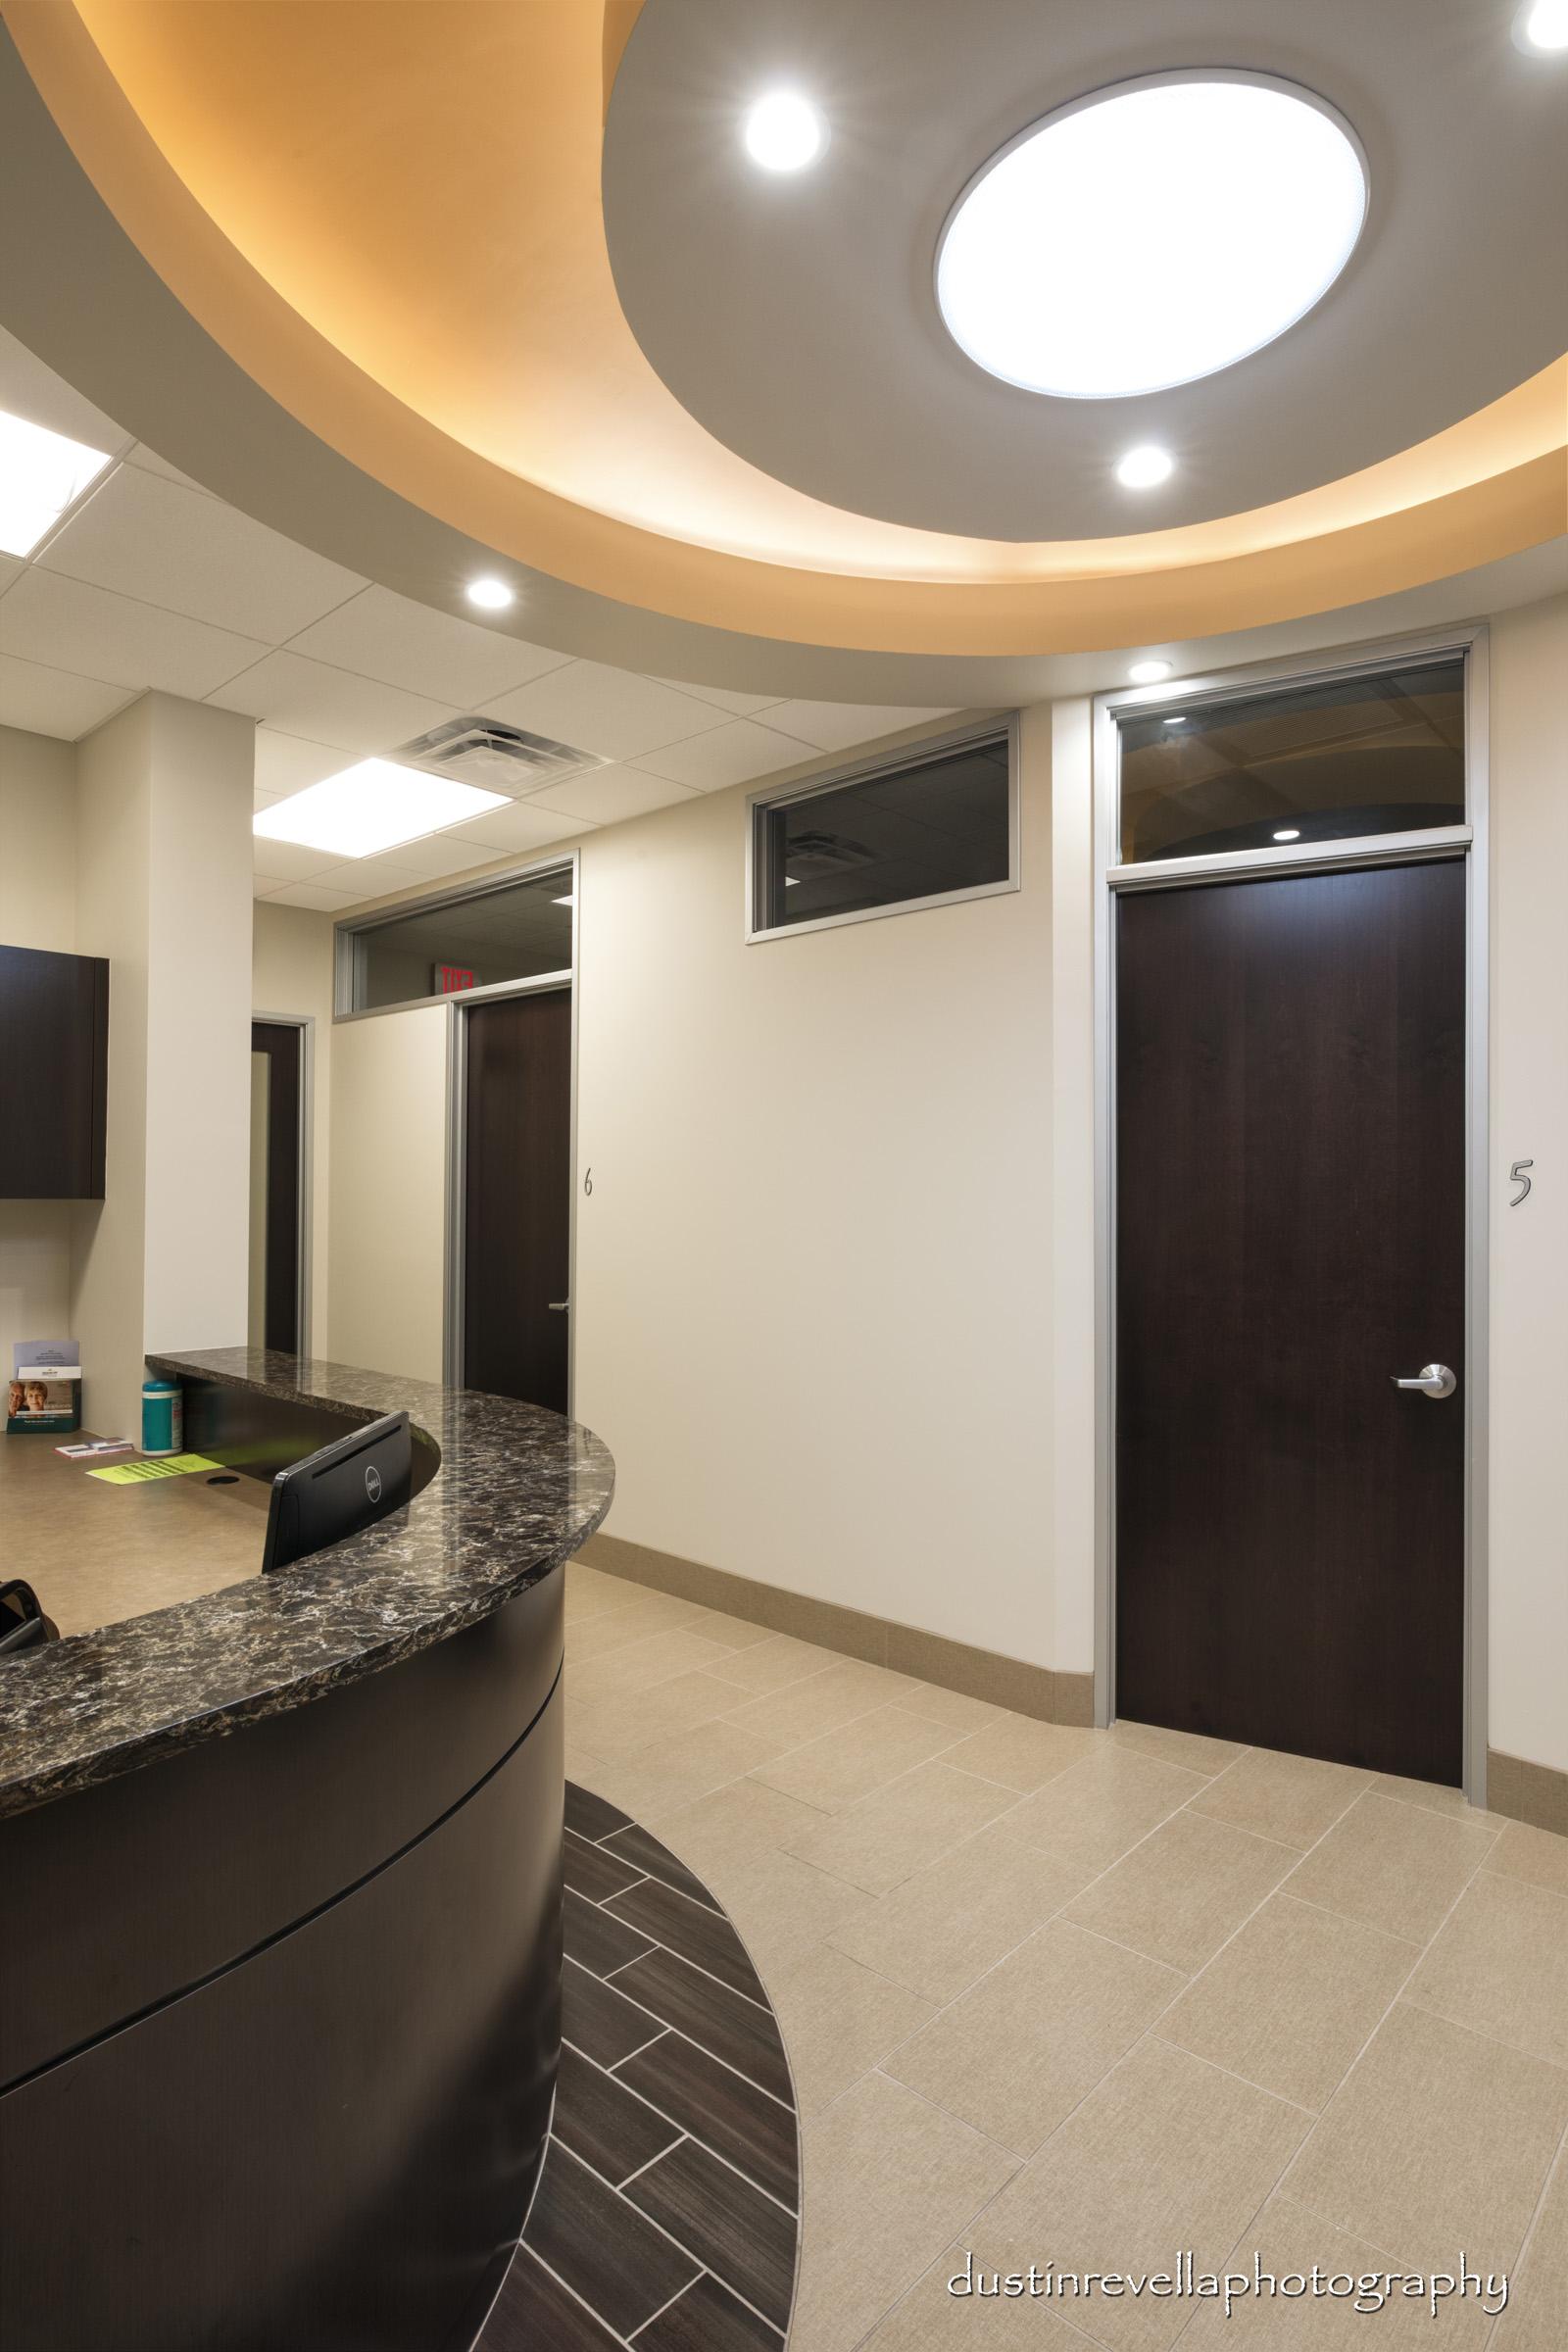 27th Avenue Medical